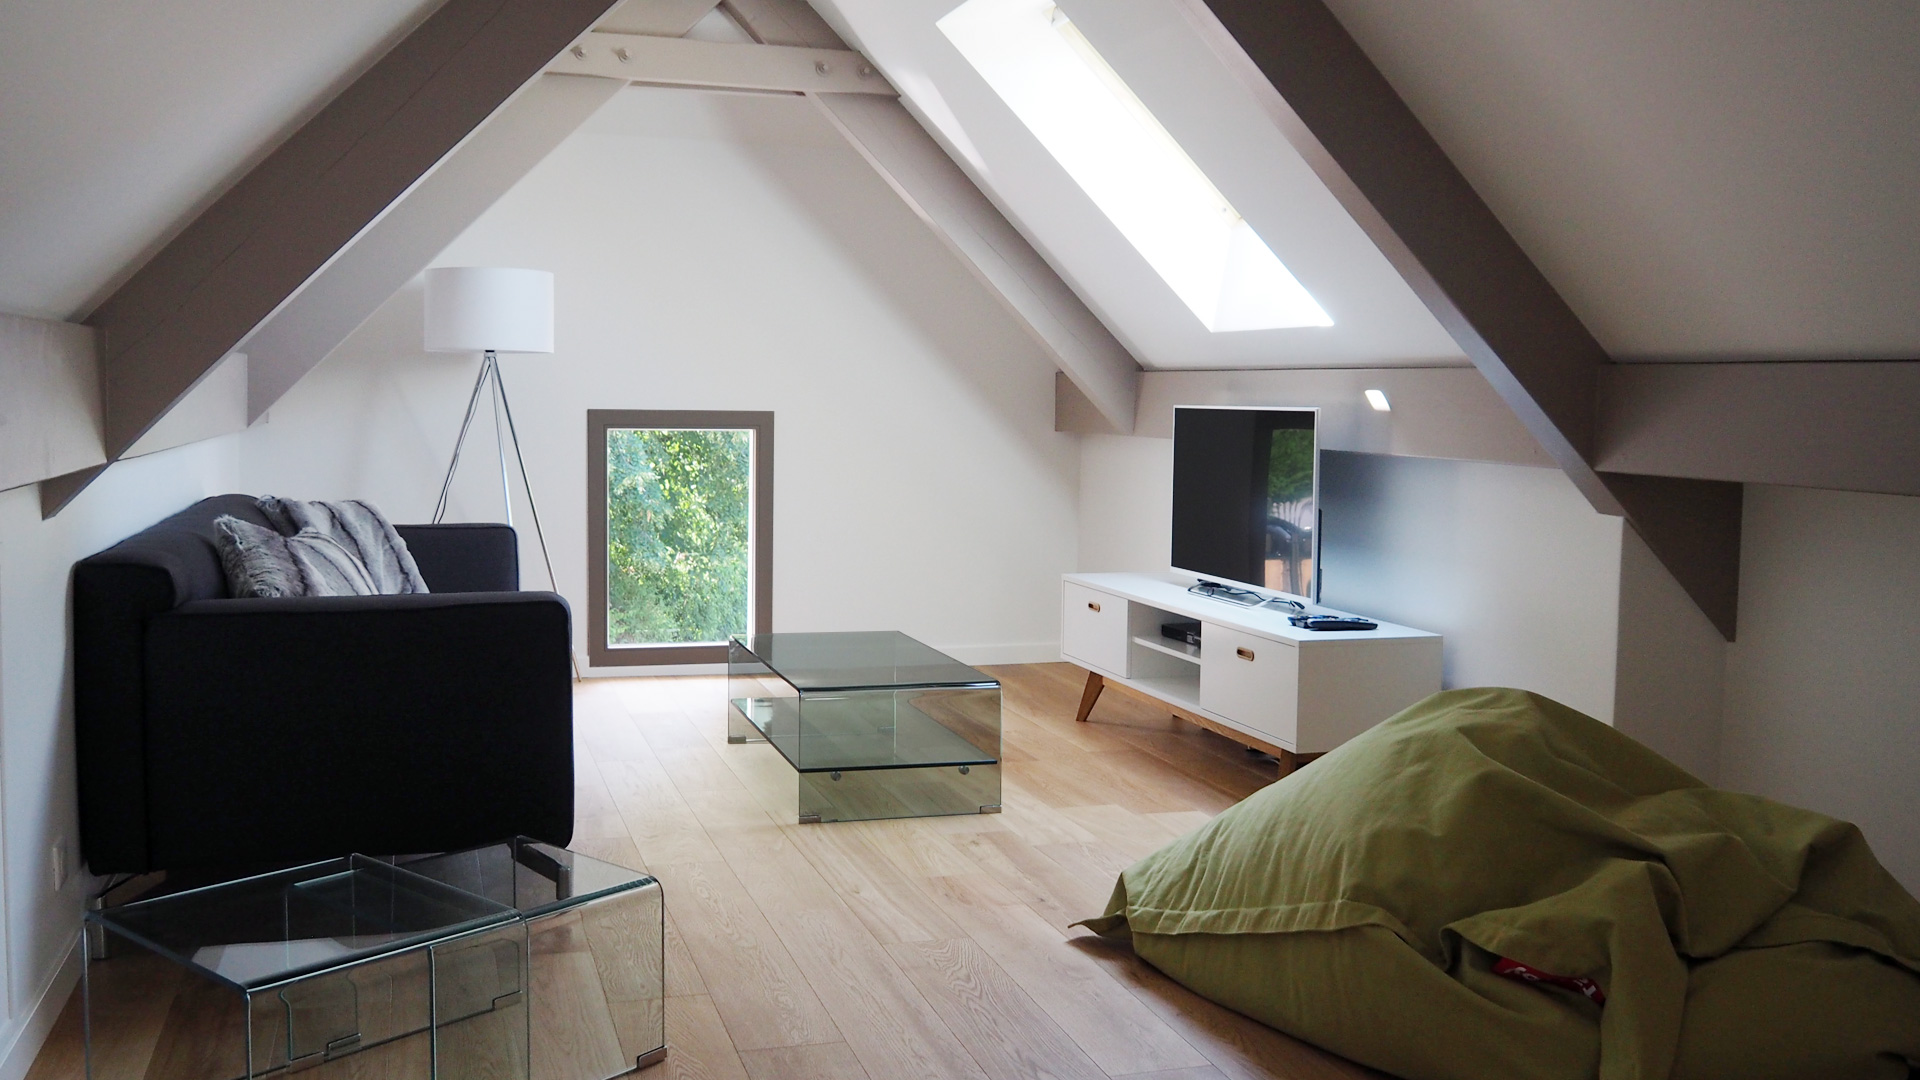 Idee Renovation Maison Nuancier De Couleur Peinture Interieur